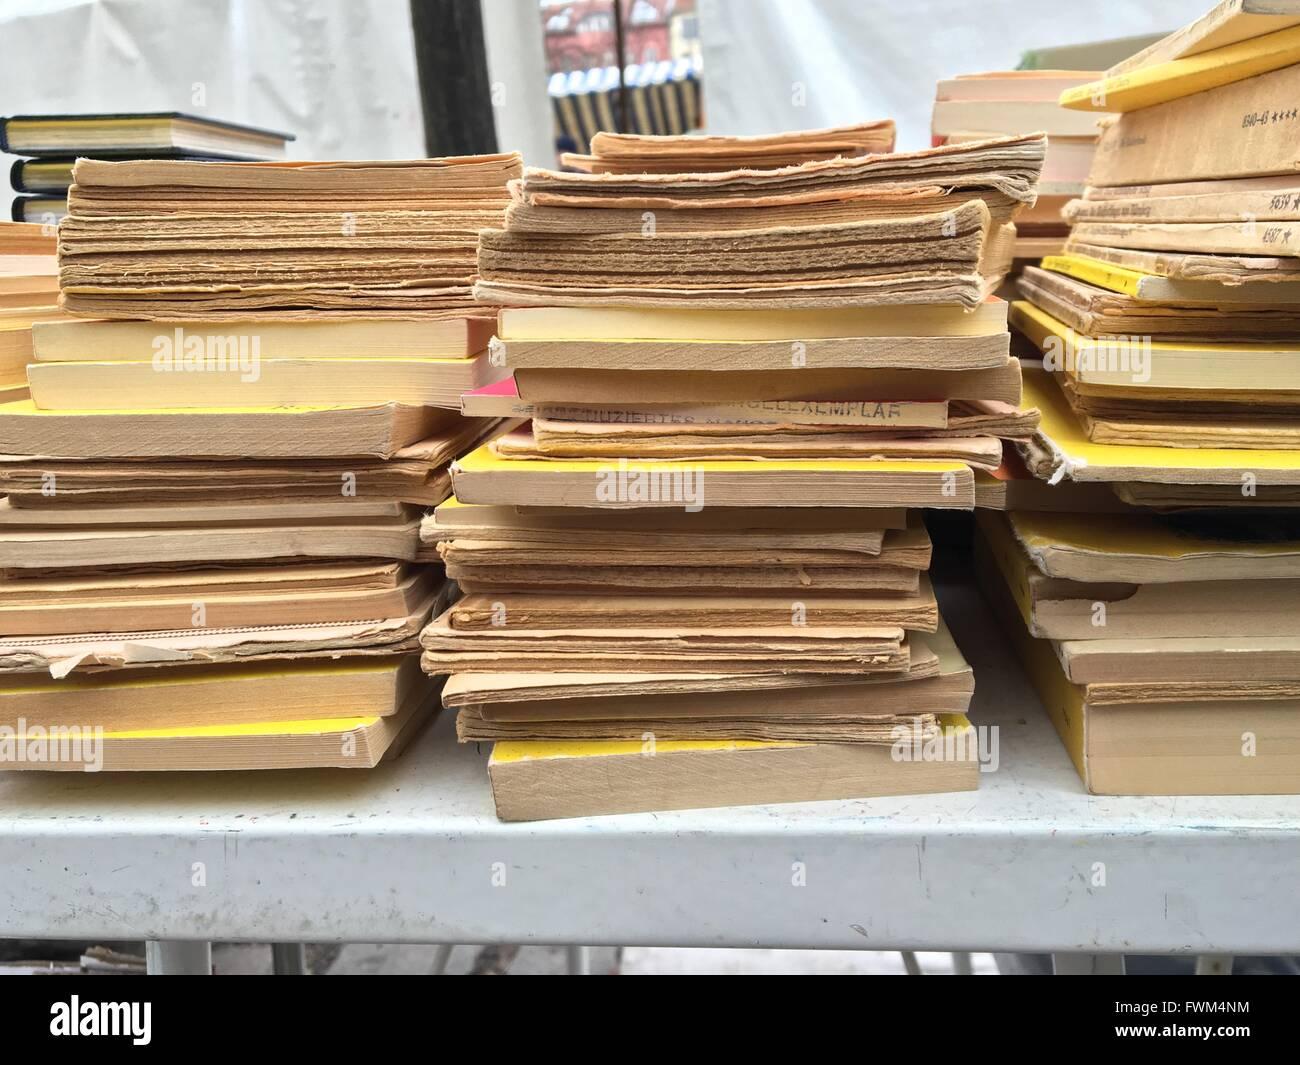 Stapel Bücher auf Tisch Stockbild